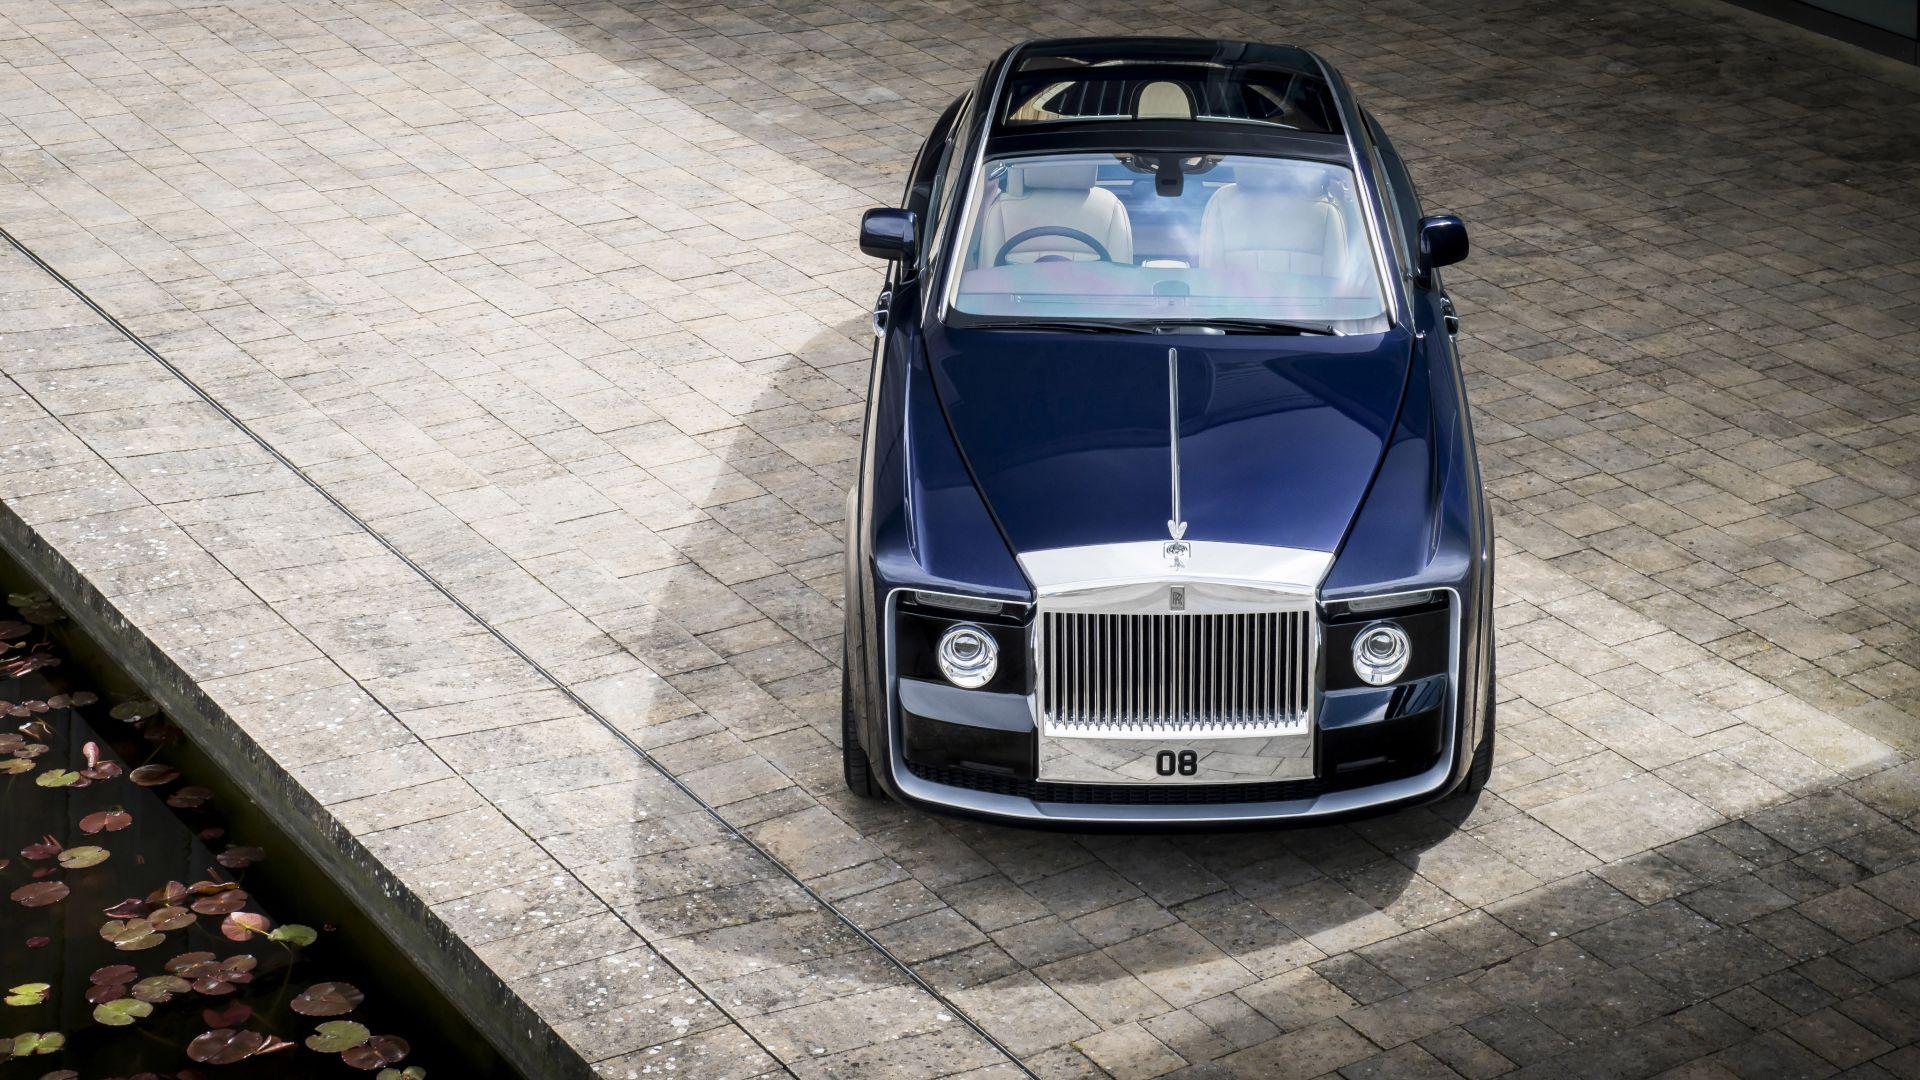 Wallpaper Blue 2017 Rolls-Royce Sweptail, luxury car